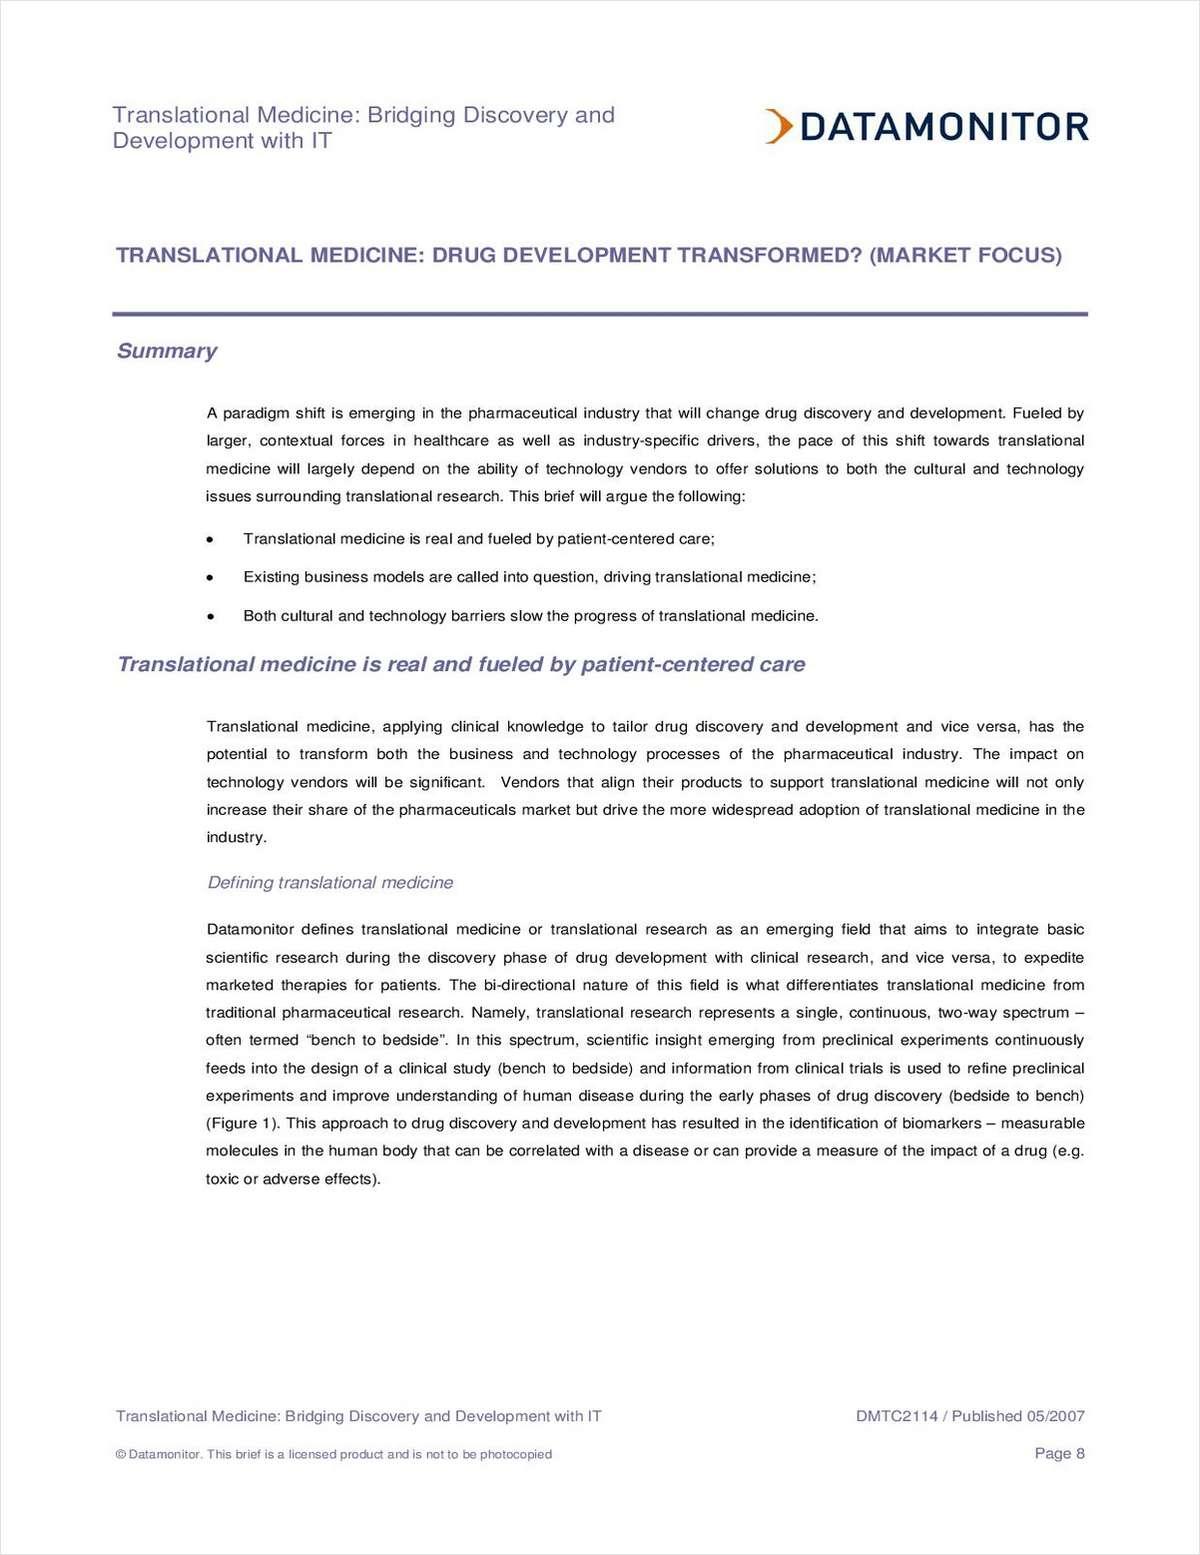 Translational Medicine: Drug Development Transformed?